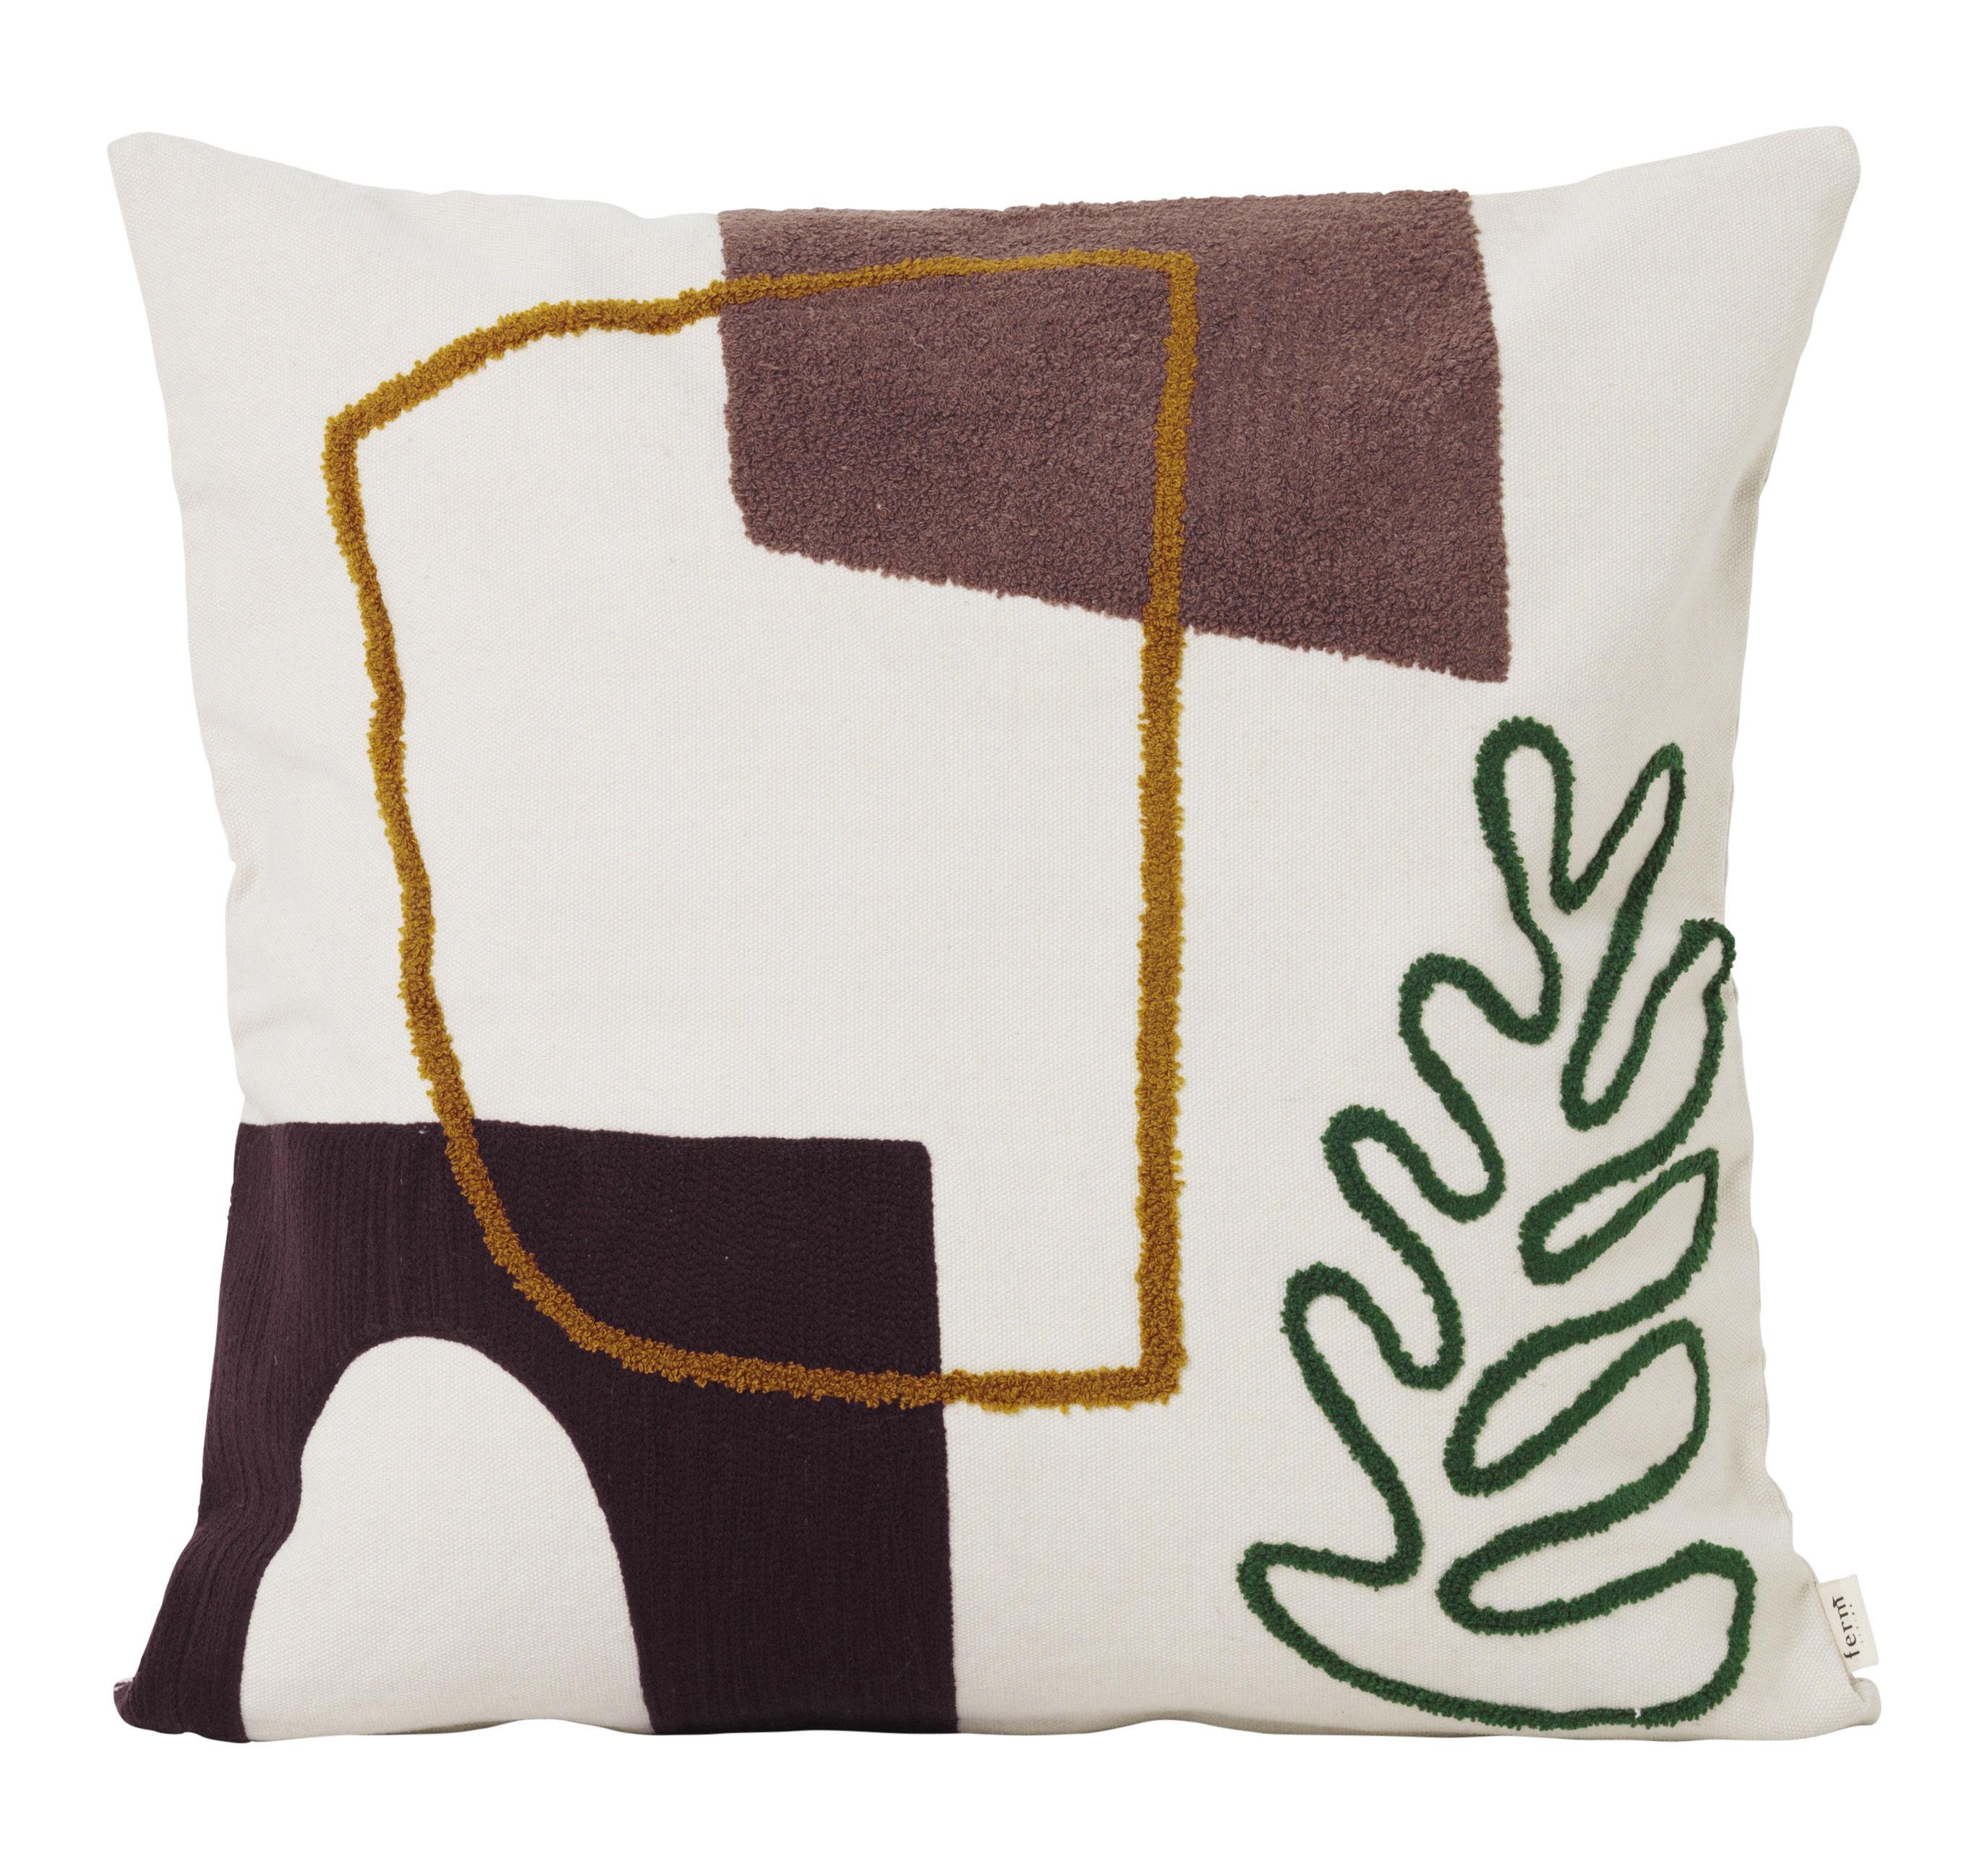 Interni - Cuscini  - Cuscino Mirage - / Ricamato - 50 x 50 cm di Ferm Living - Multicolore -  Duvet,  Plumes, Cotone